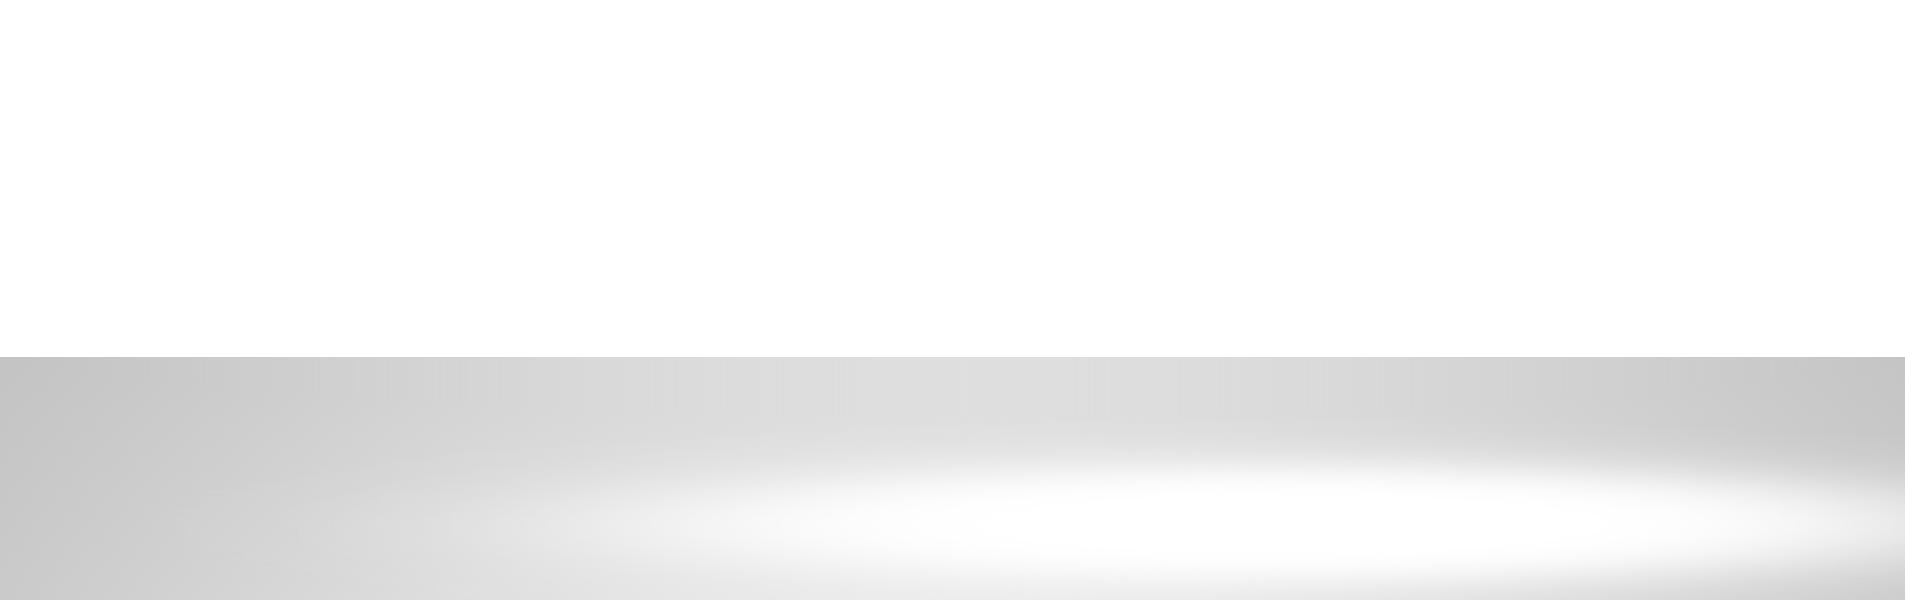 لایه نهم اسلایدر گرین ورلد ، هویت بصری ، طراحی لوگو ، طراحی لوگوتایپ ، شرکت تبلیغاتی ، شرکت تبلیغاتی الف ، گرین ورلد ، کود مایع گرین ورلد ، طراحی هویت بصری